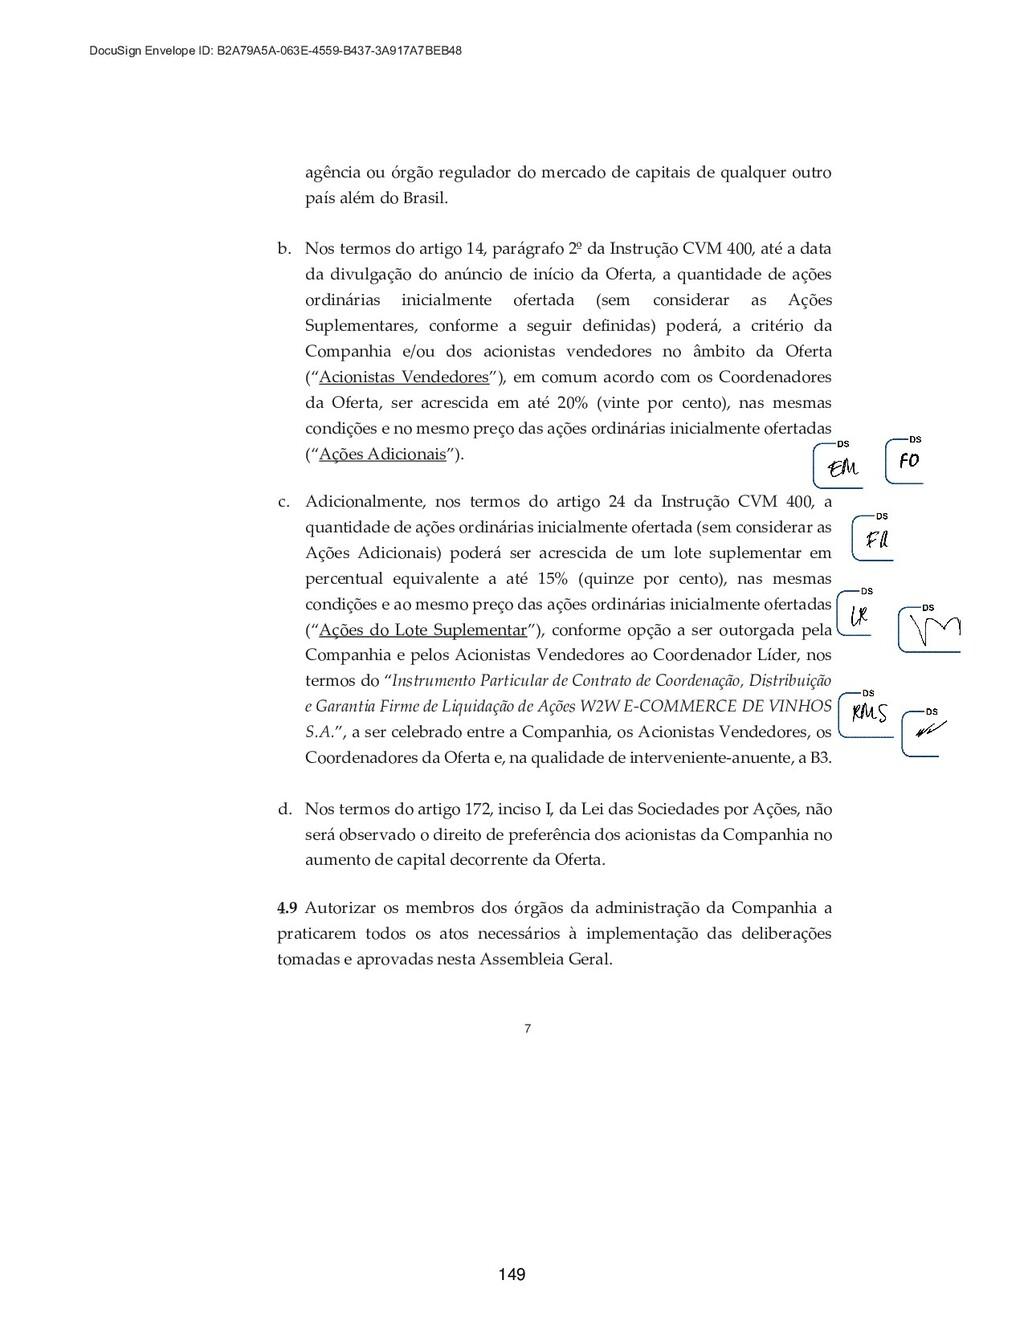 7 agência ou órgão regulador do mercado de capi...